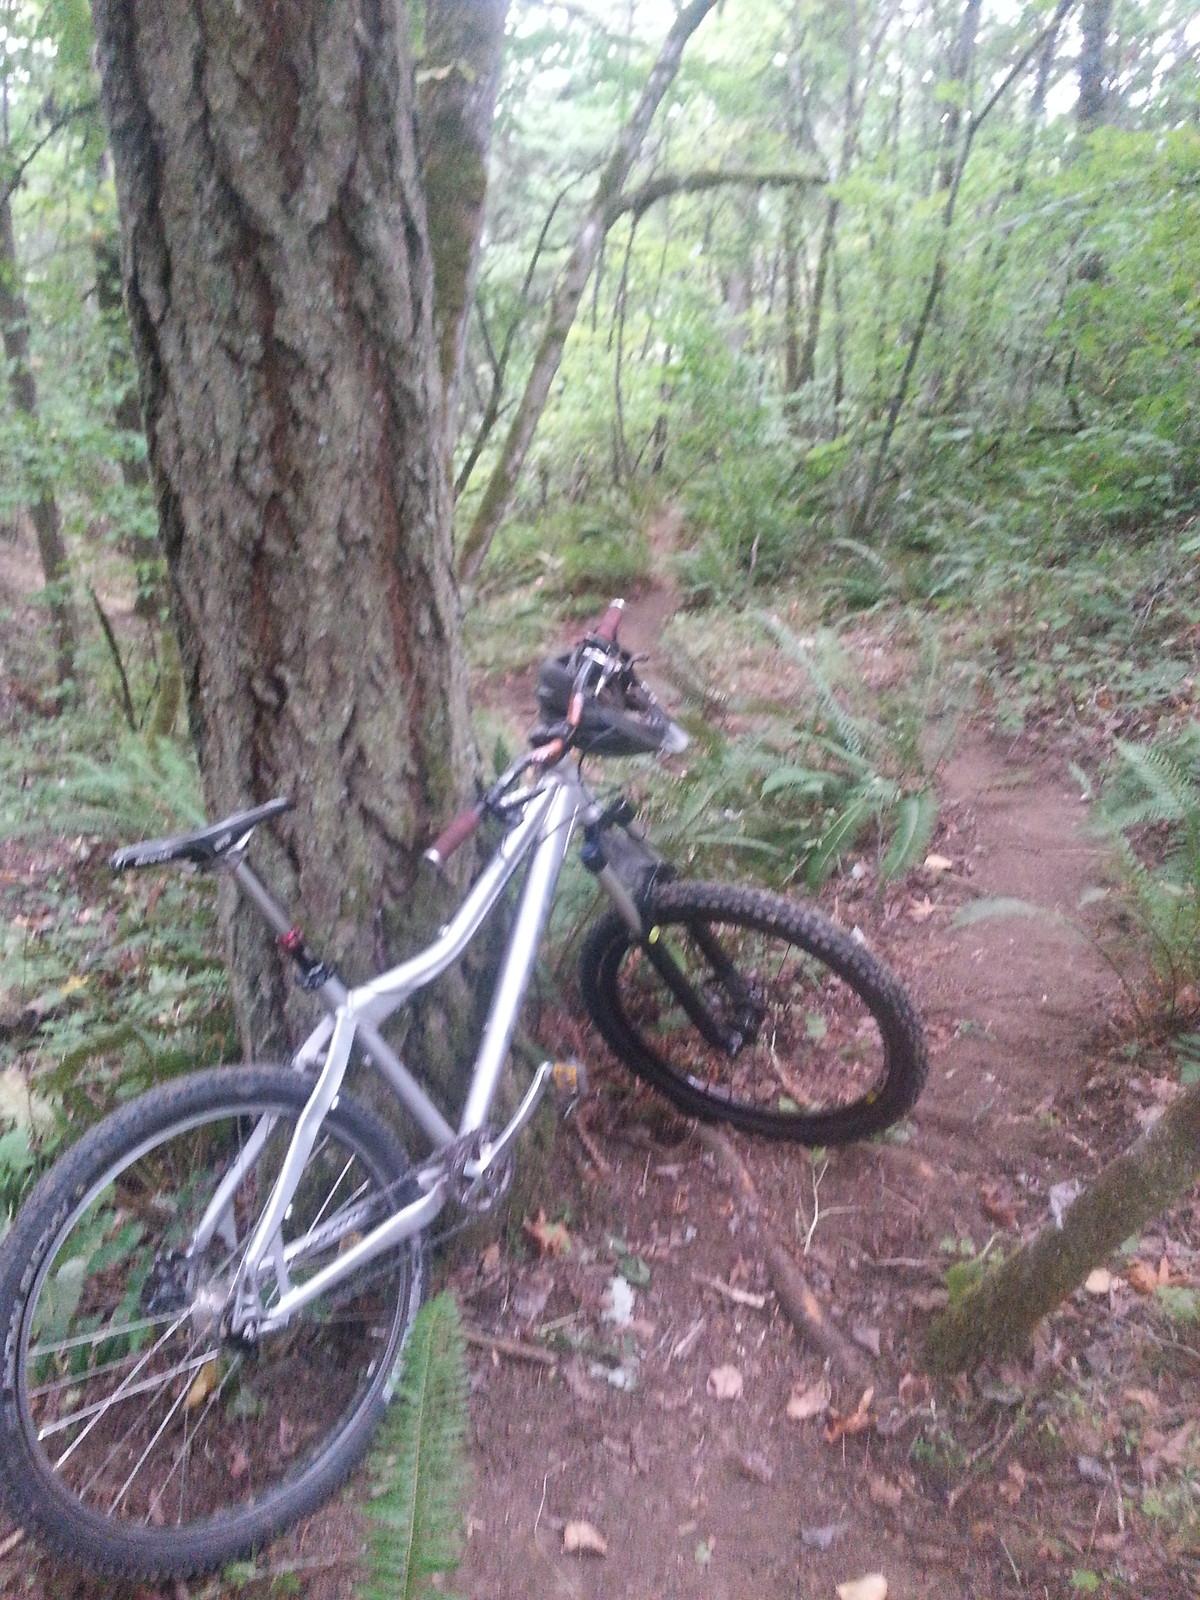 Jamis Komodo SS at creek - RevBaker - Mountain Biking Pictures - Vital MTB